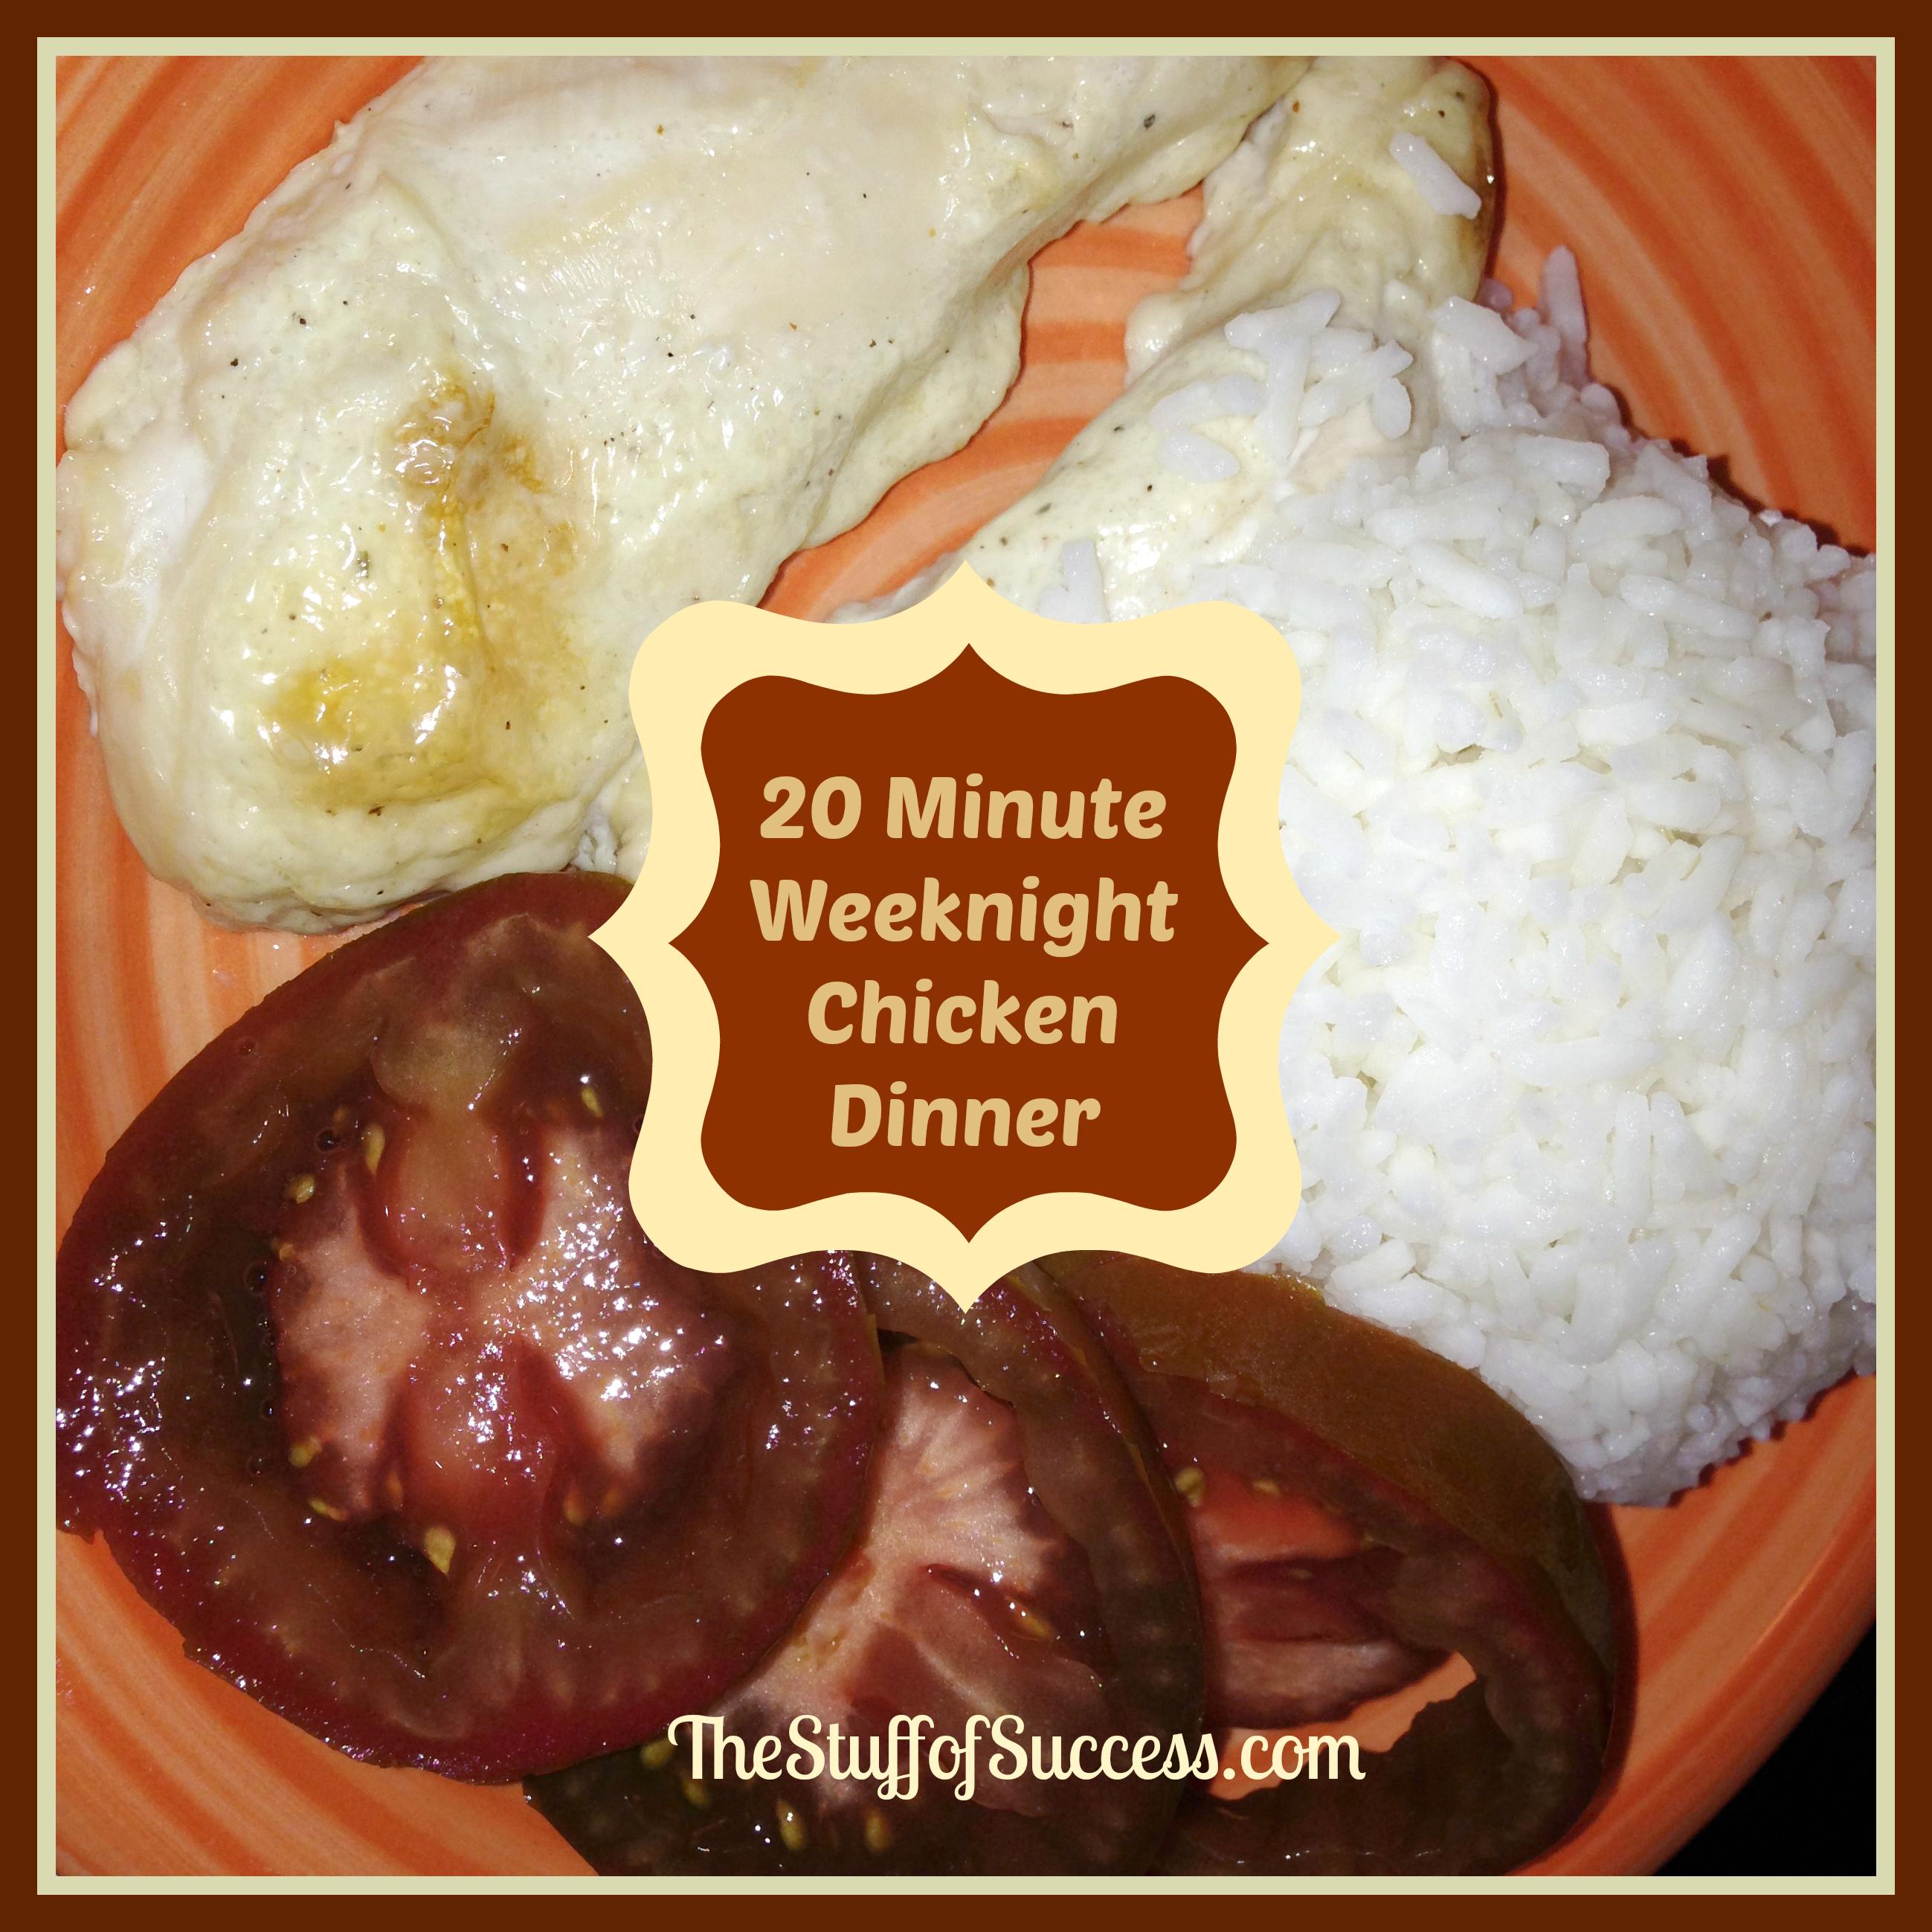 20 minute weeknight chicken dinner